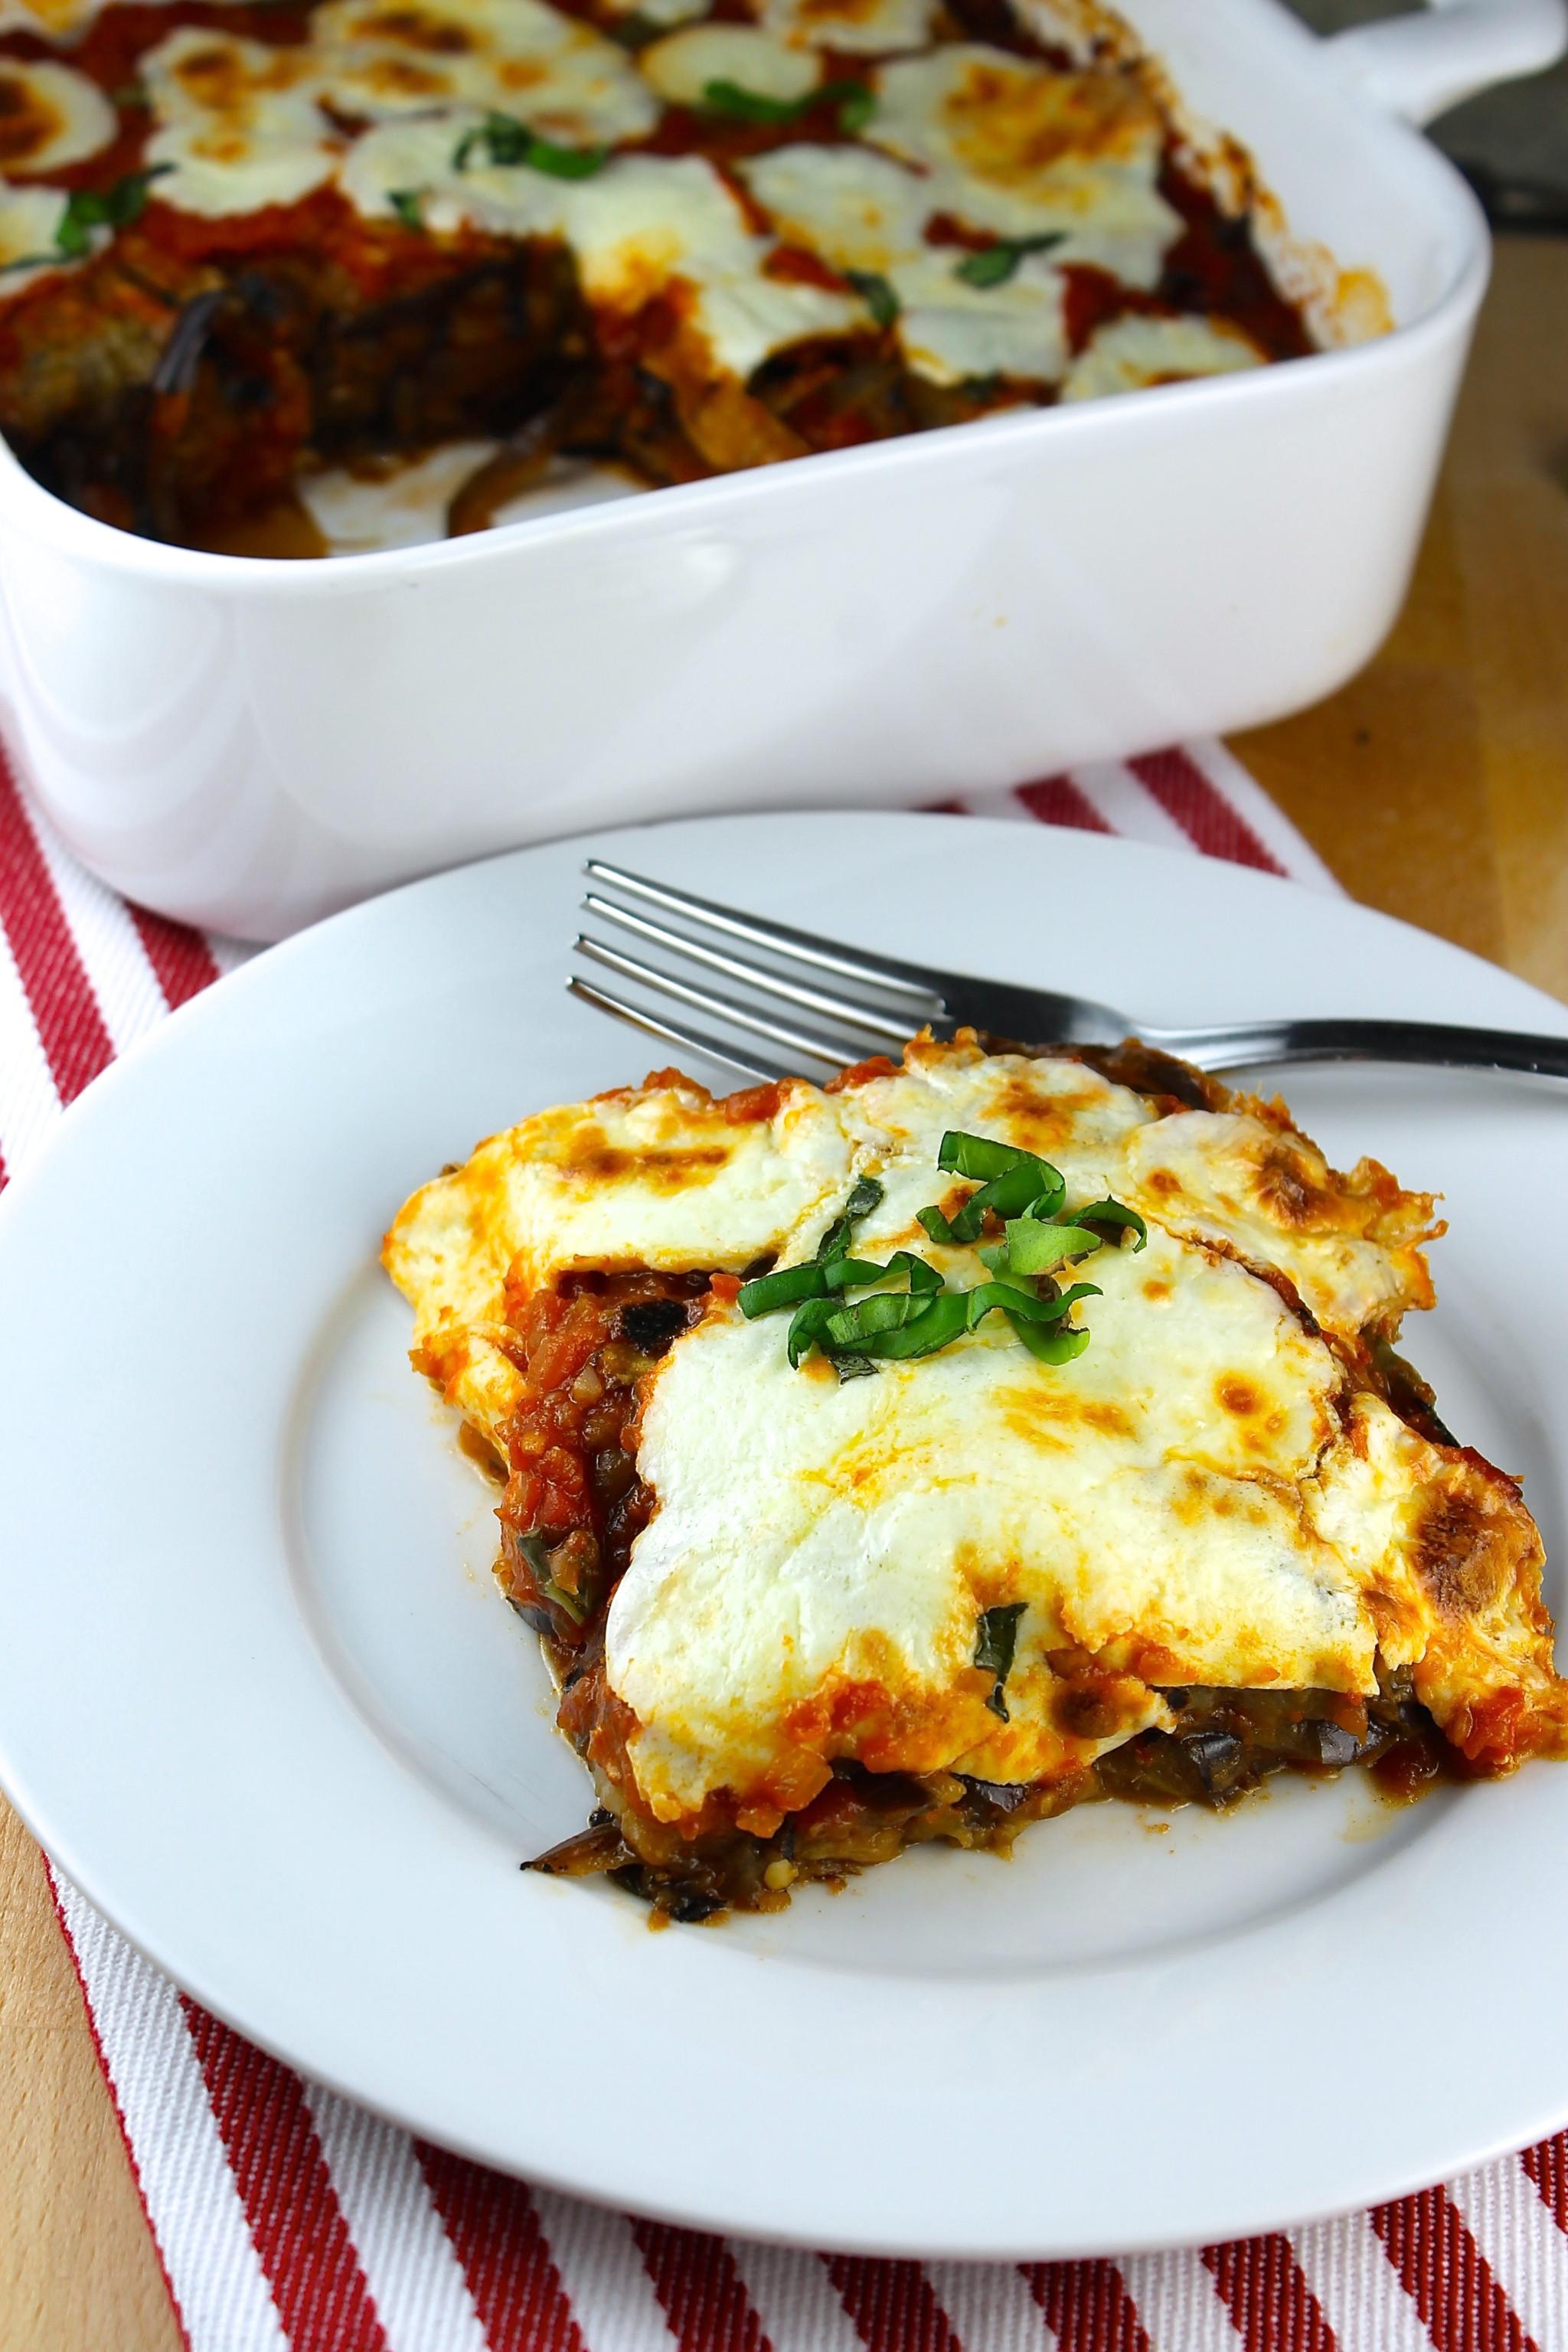 Eggplant Lasagna Healthy  Eggplant Lasagna Irresistibly Healthy SAVOIR FAIRE by